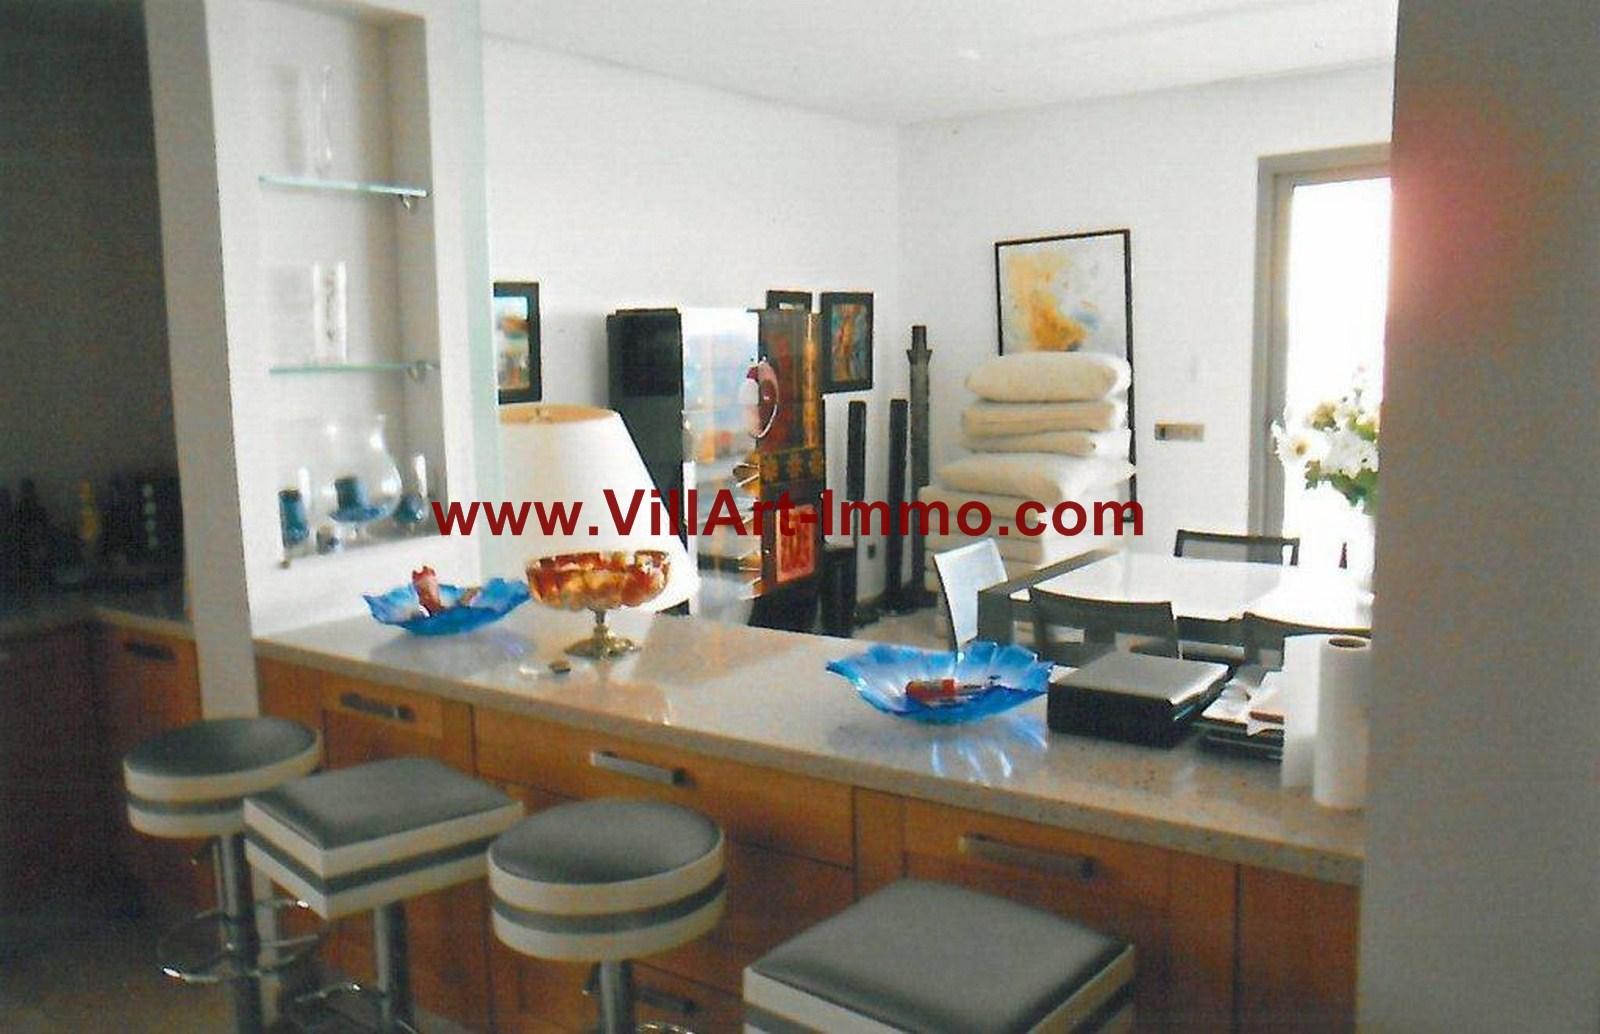 5-Location-Appartement-Meublé-Tanger-Salle à manger-L749-Villart immo